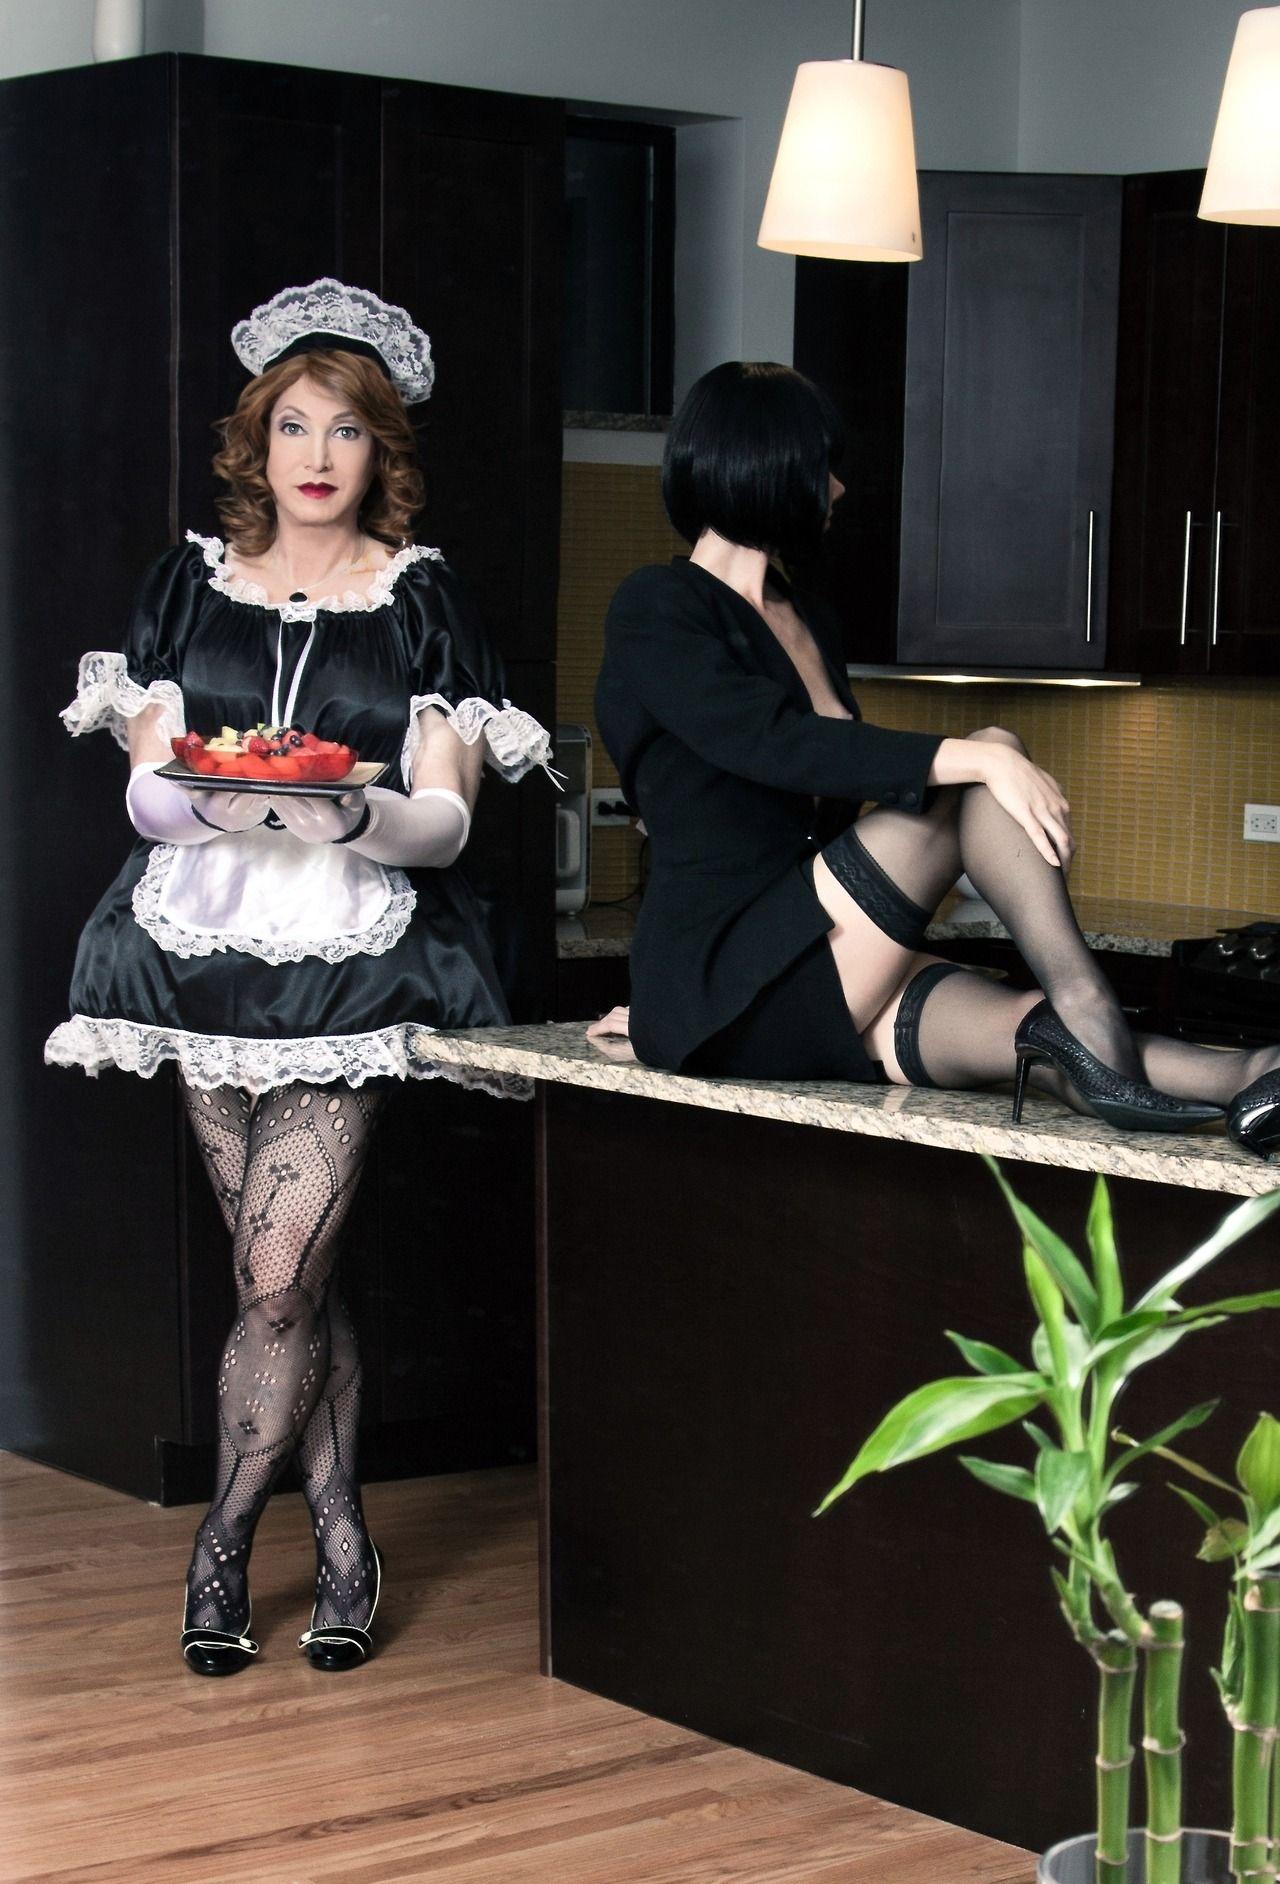 мадам в офисе и ее домработница видео